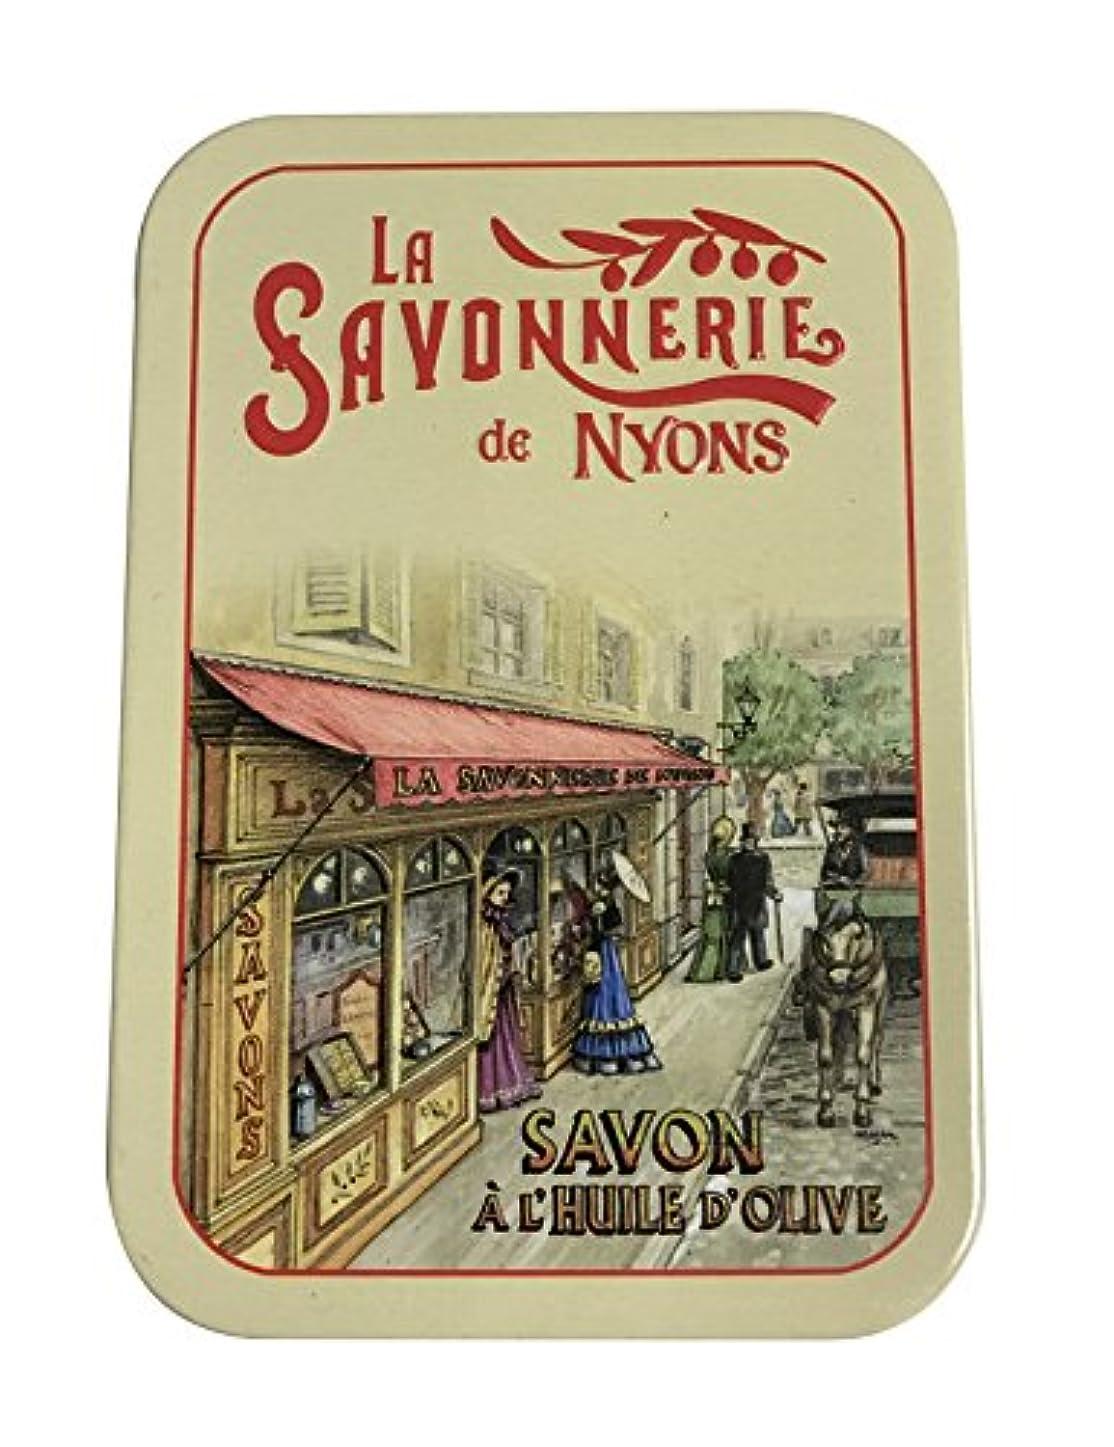 ケント刺激する砂利ラ?サボネリー アンティーク缶入り石鹸 タイプ200 パリの町並み(コットンフラワー)